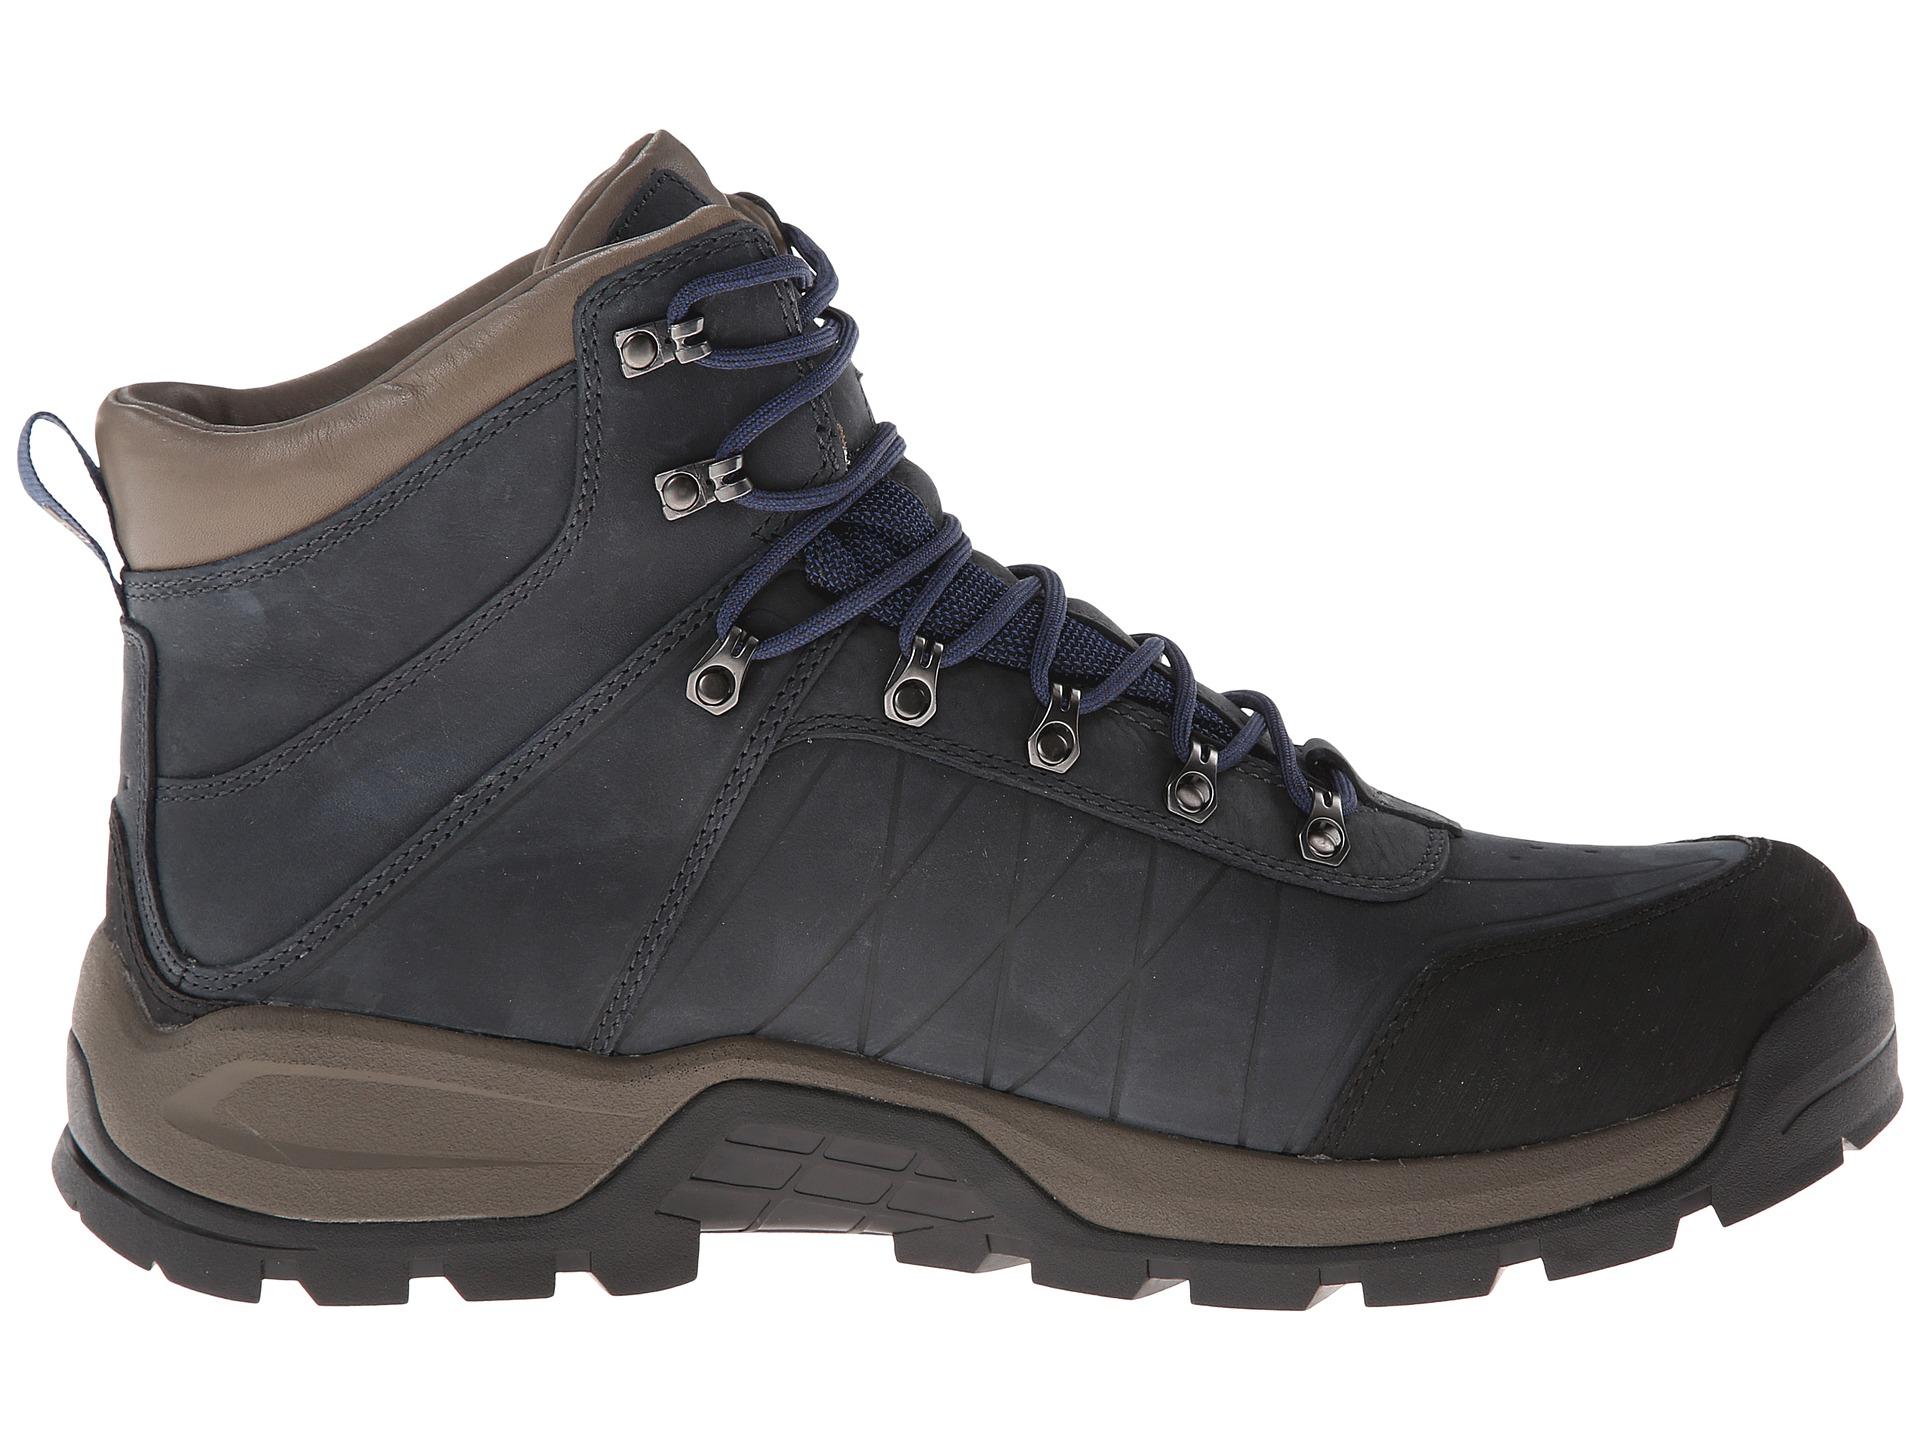 Teva Shoes Uk Stockists